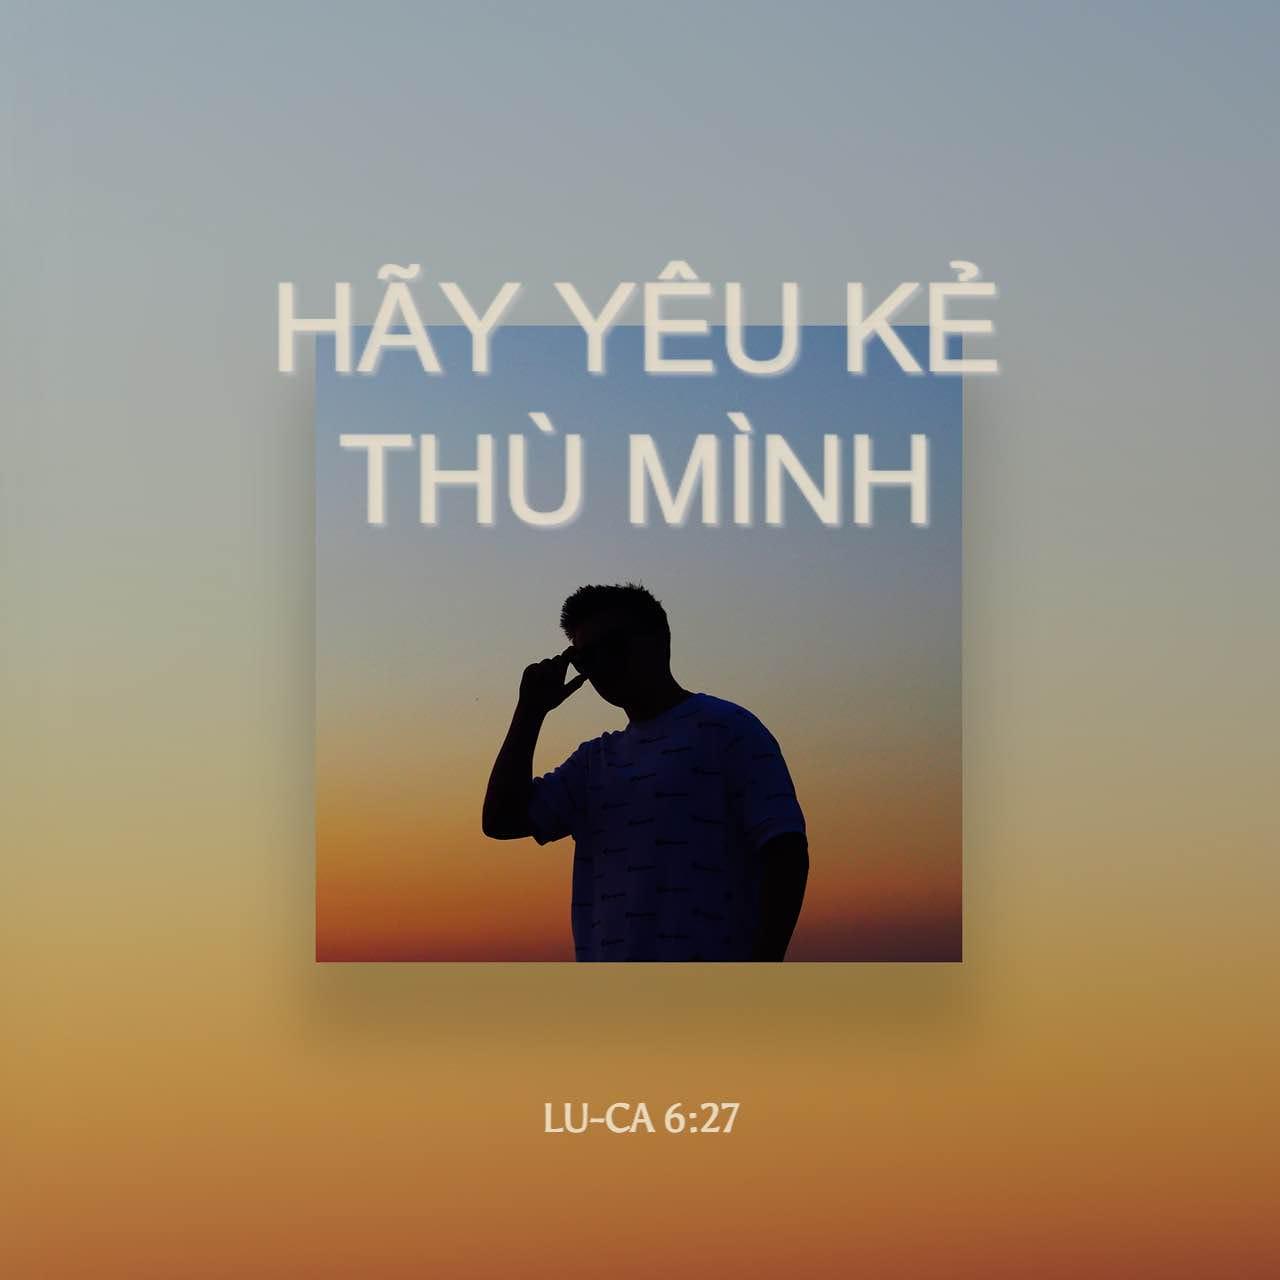 Lu-ca 6:27-28 Nhưng ta phán cùng các ngươi, là người nghe ta: Hãy yêu kẻ  thù mình, làm ơn cho kẻ ghét mình, chúc phước cho kẻ rủa mình, và  cầu-nguyện cho ...